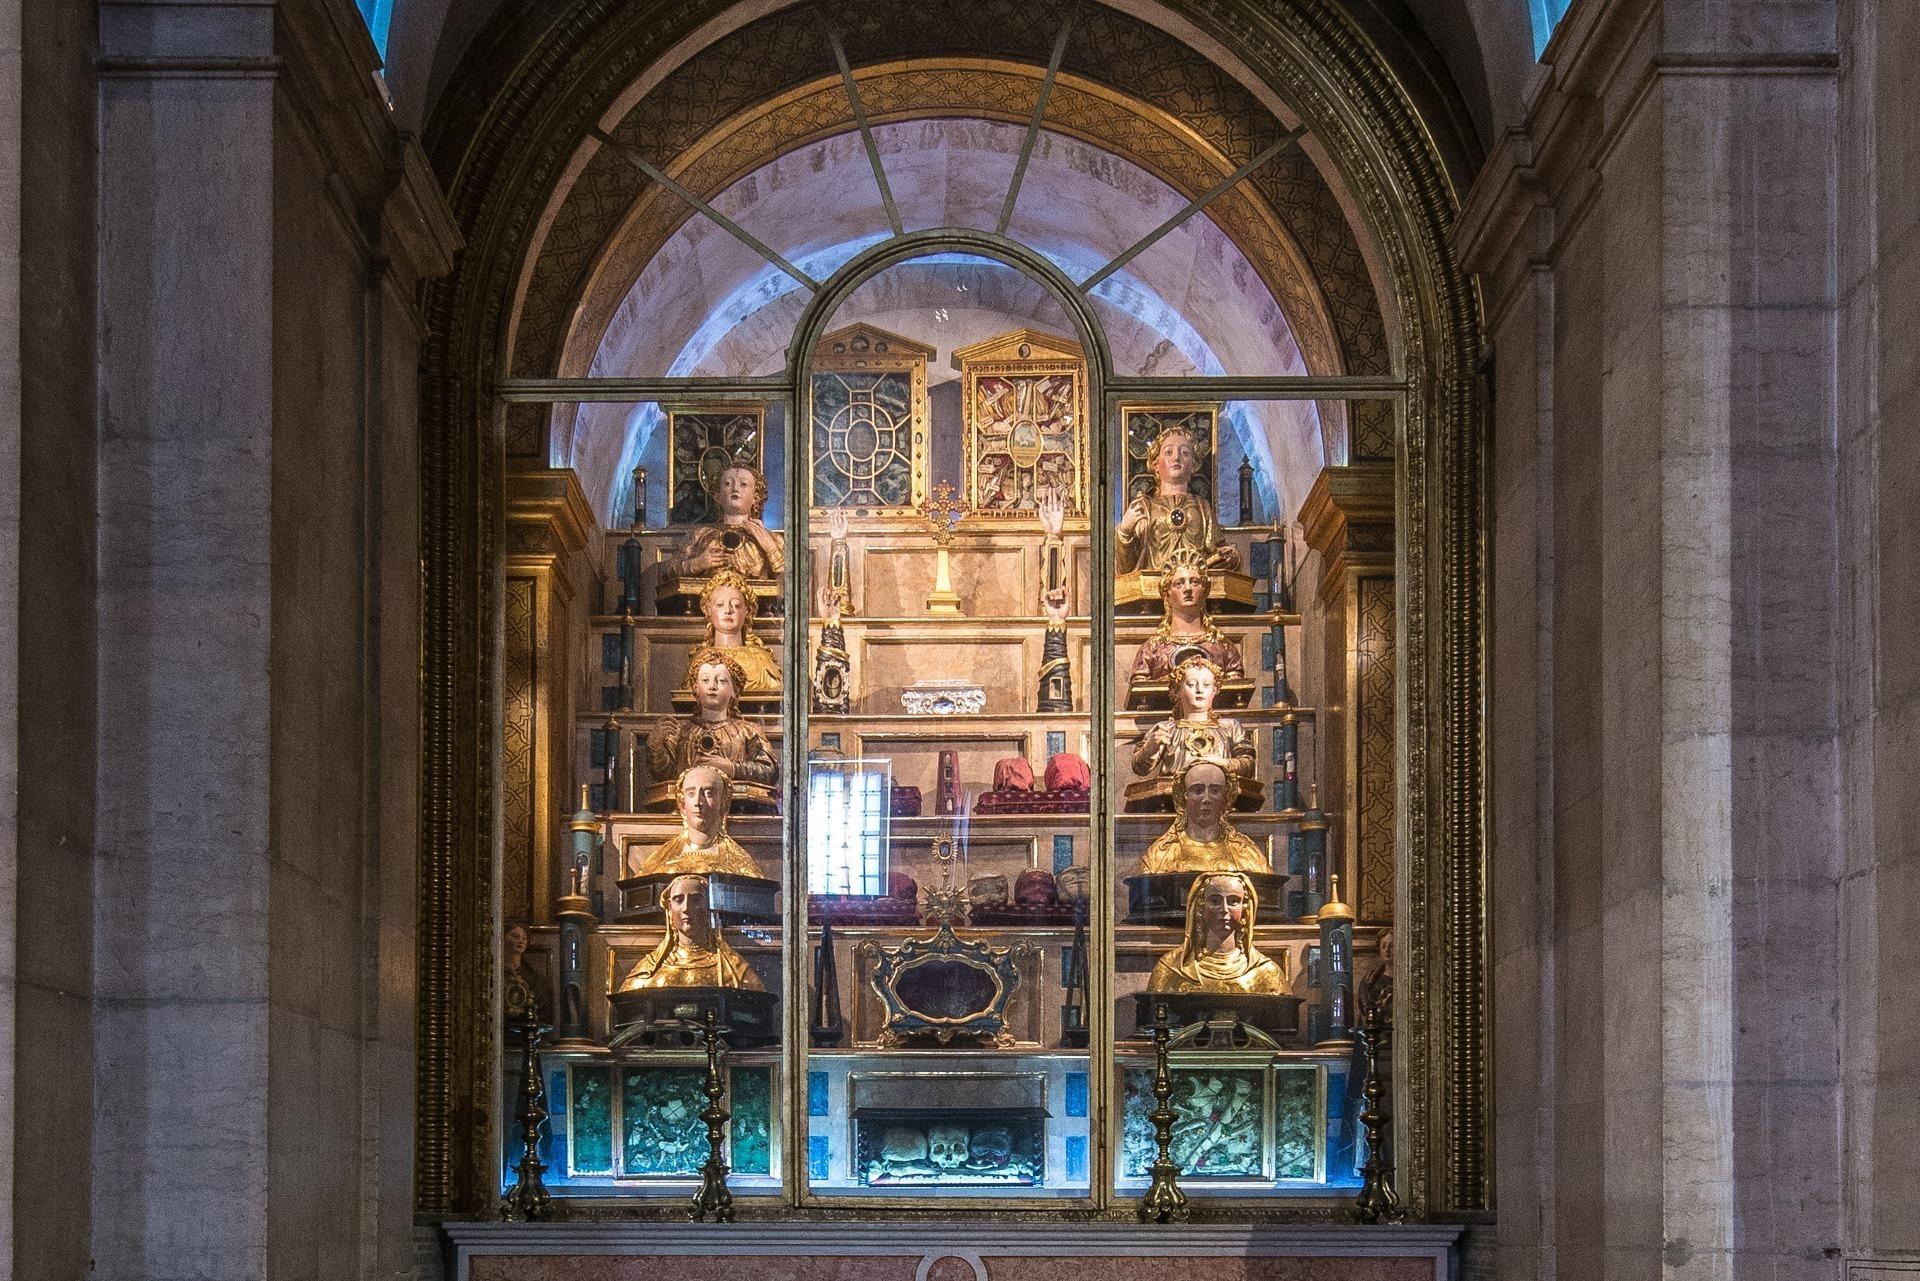 Visita virtual 'A coleção de relicários da Igreja e Museu de São Roque'   Participação individual